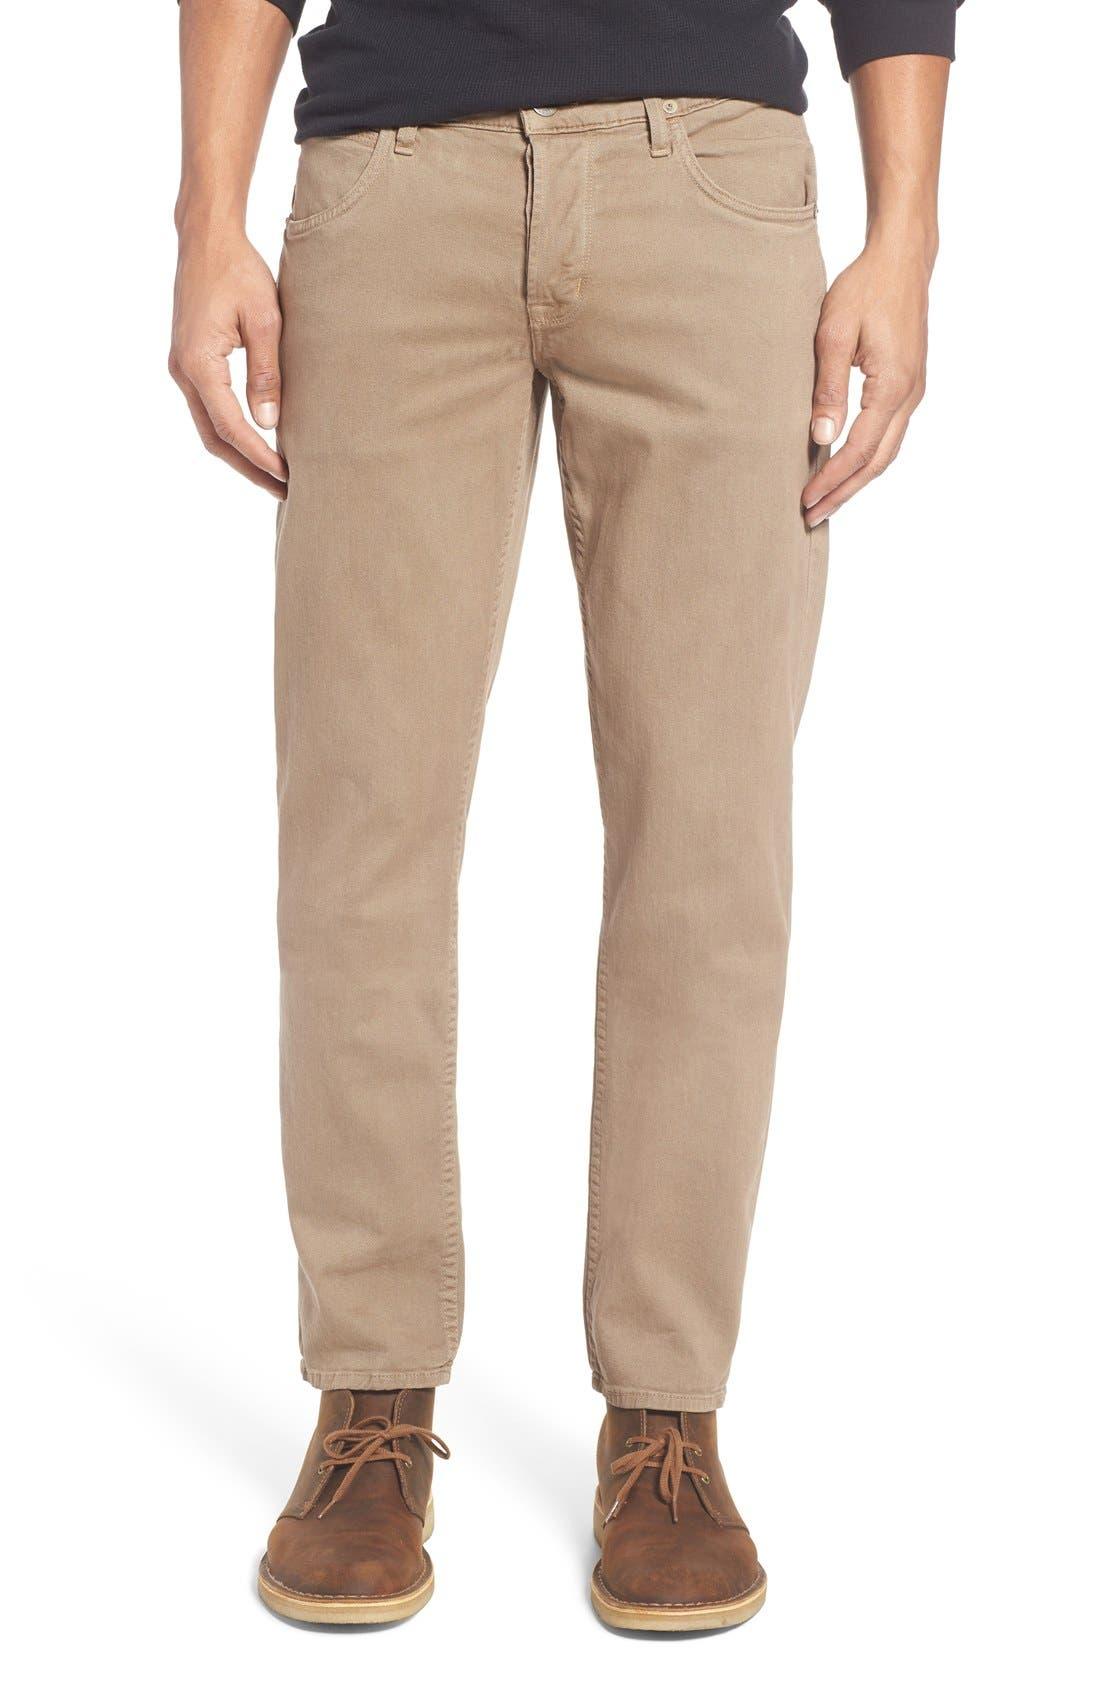 Main Image - Hudson Jeans Blake Slim Fit Jeans (Quicksand Khaki)